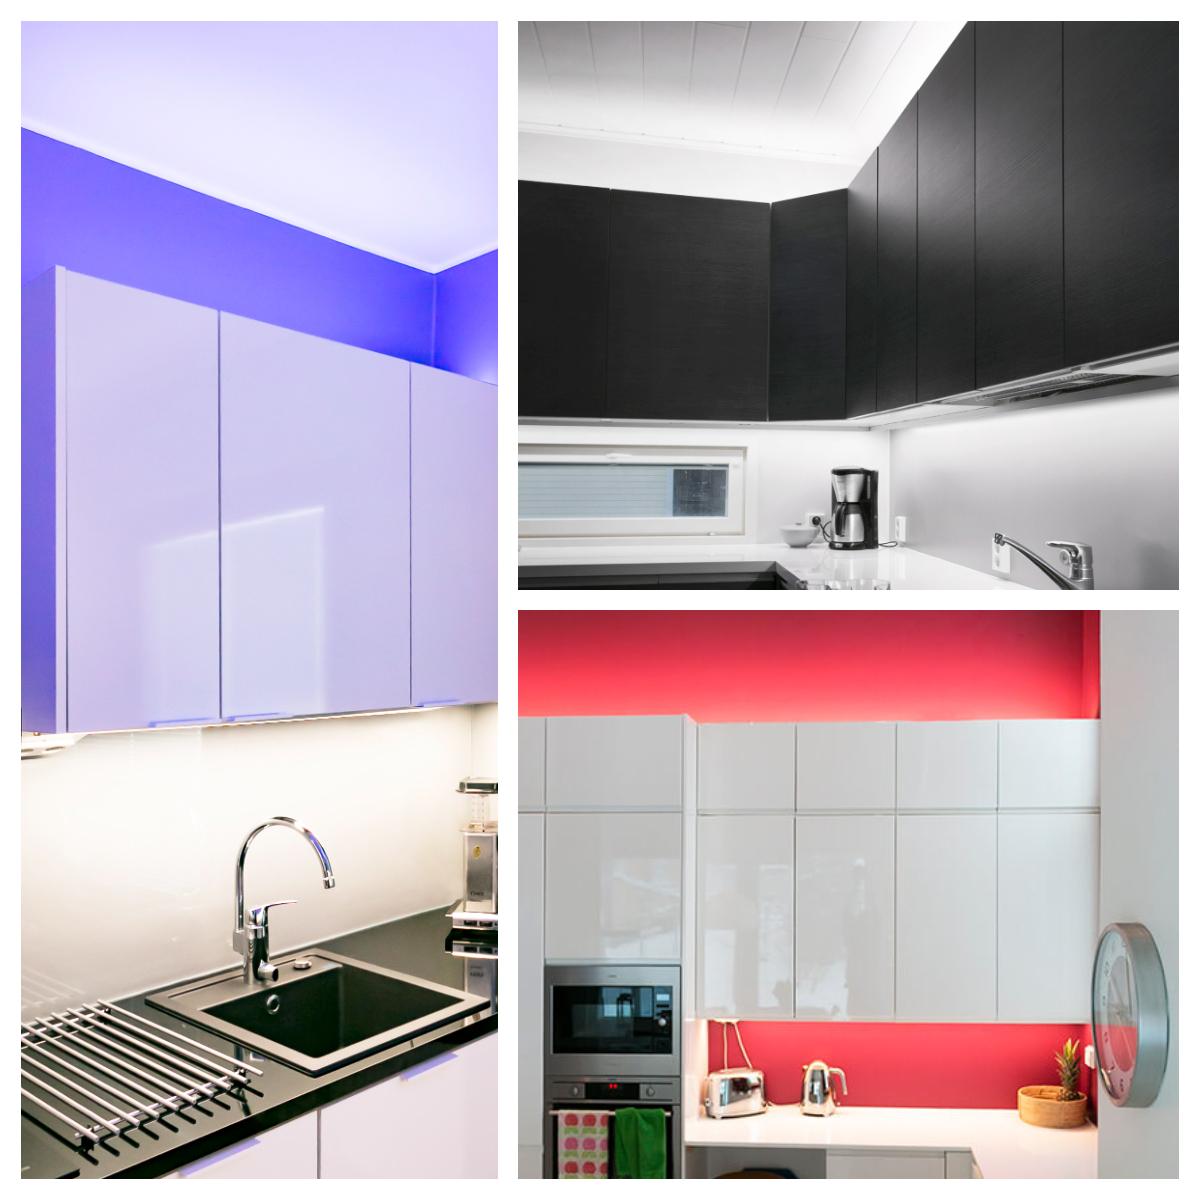 Kuva 5. Valmiita led-kiskoja. Valaistus sekä työtasolla että kaapiston päällä tuovat ilmavuutta ja tunnelmaa. Violetti sävy vasemmanpuoleisessa kuvassa RGB led-nauhasta.